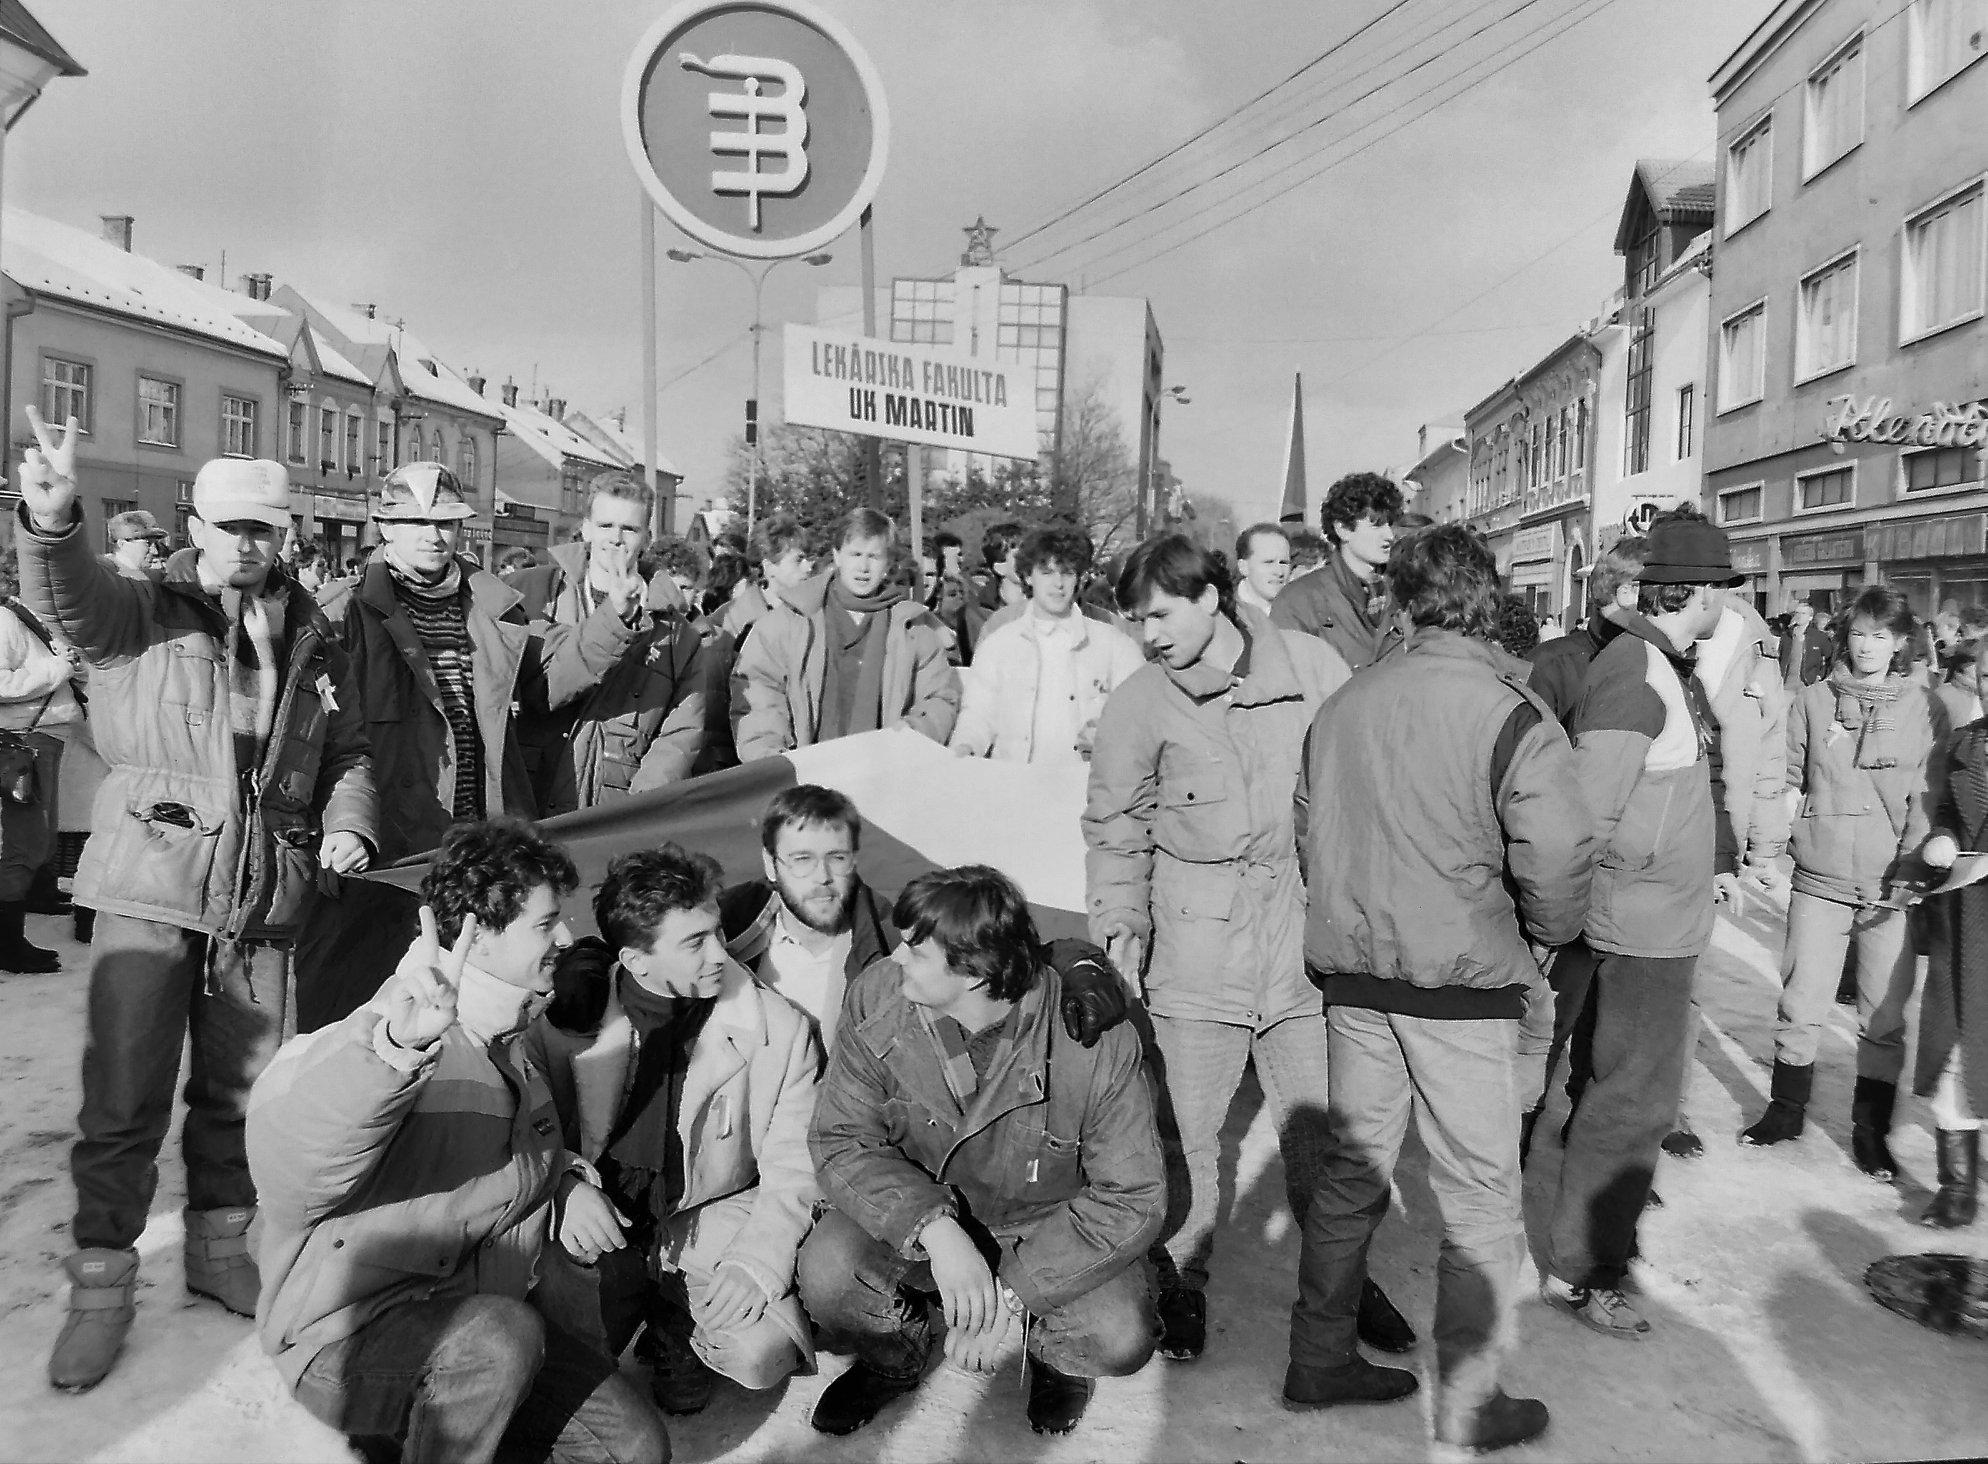 1989 - V jeseni 1989 sa v bývalom Československu odohrali významné udalosti, ktoré viedli k pádu vlády Komunistickej strany a k zmene spoločenského zriadenia.